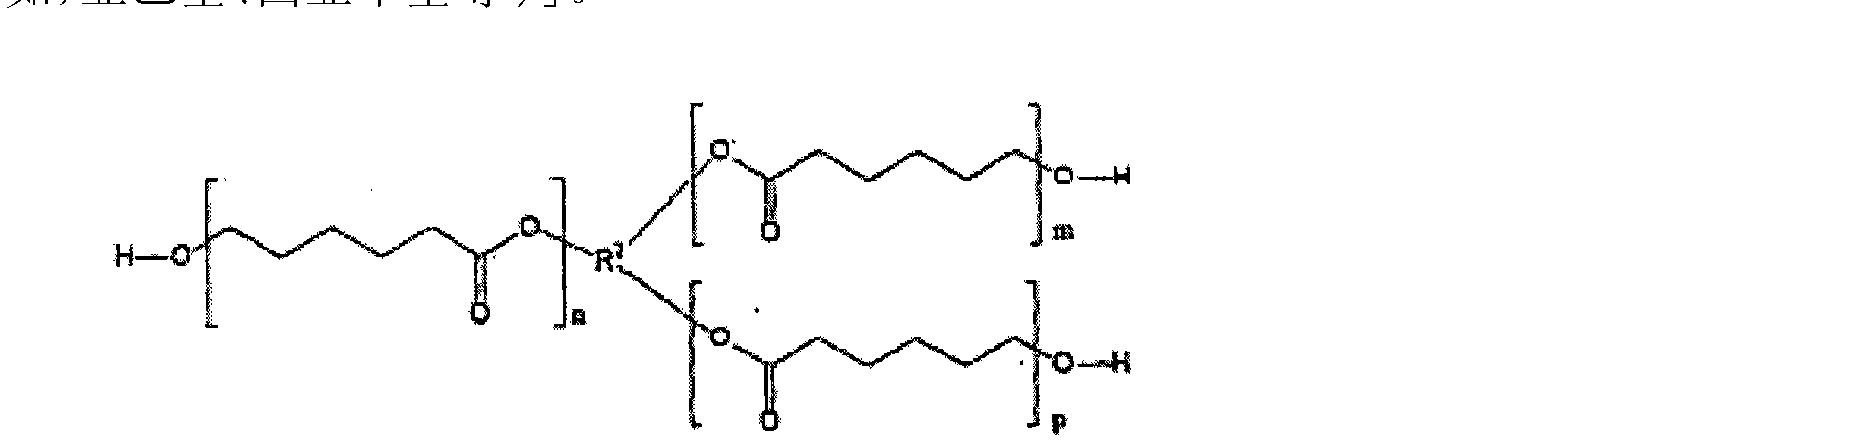 Figure CN101679588BD00052